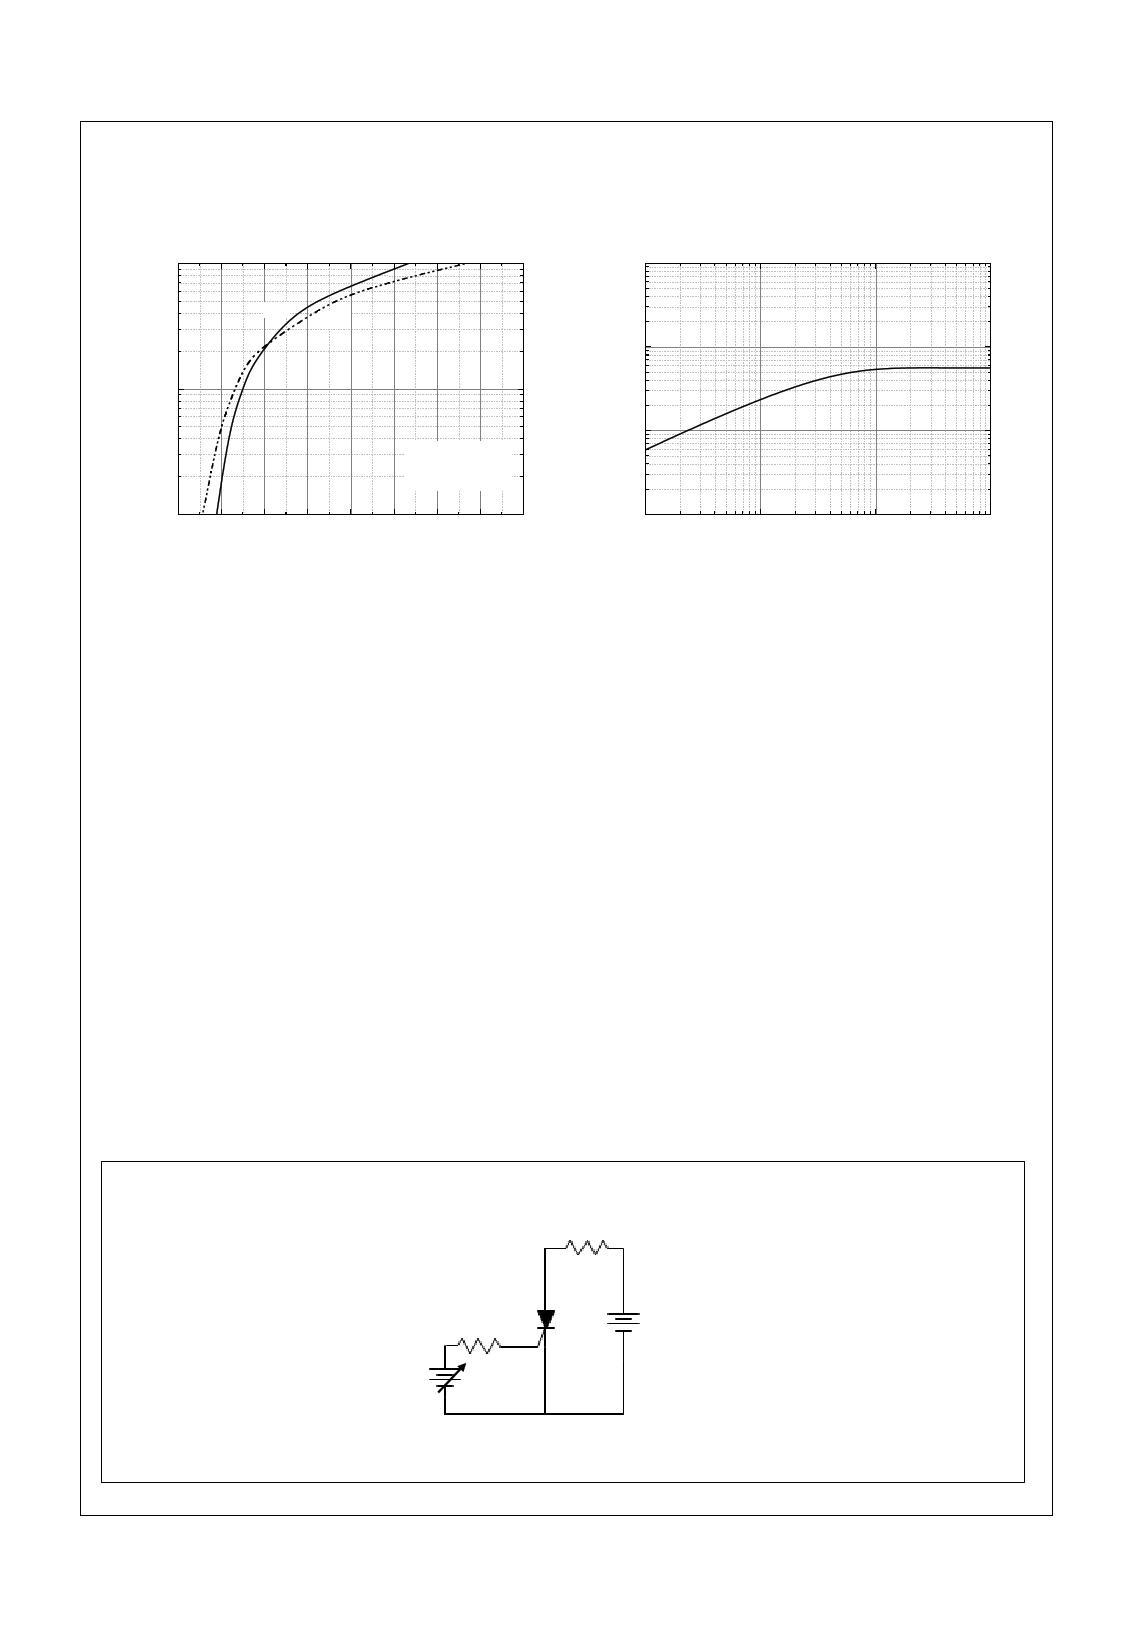 MCK100-8 pdf, 반도체, 판매, 대치품